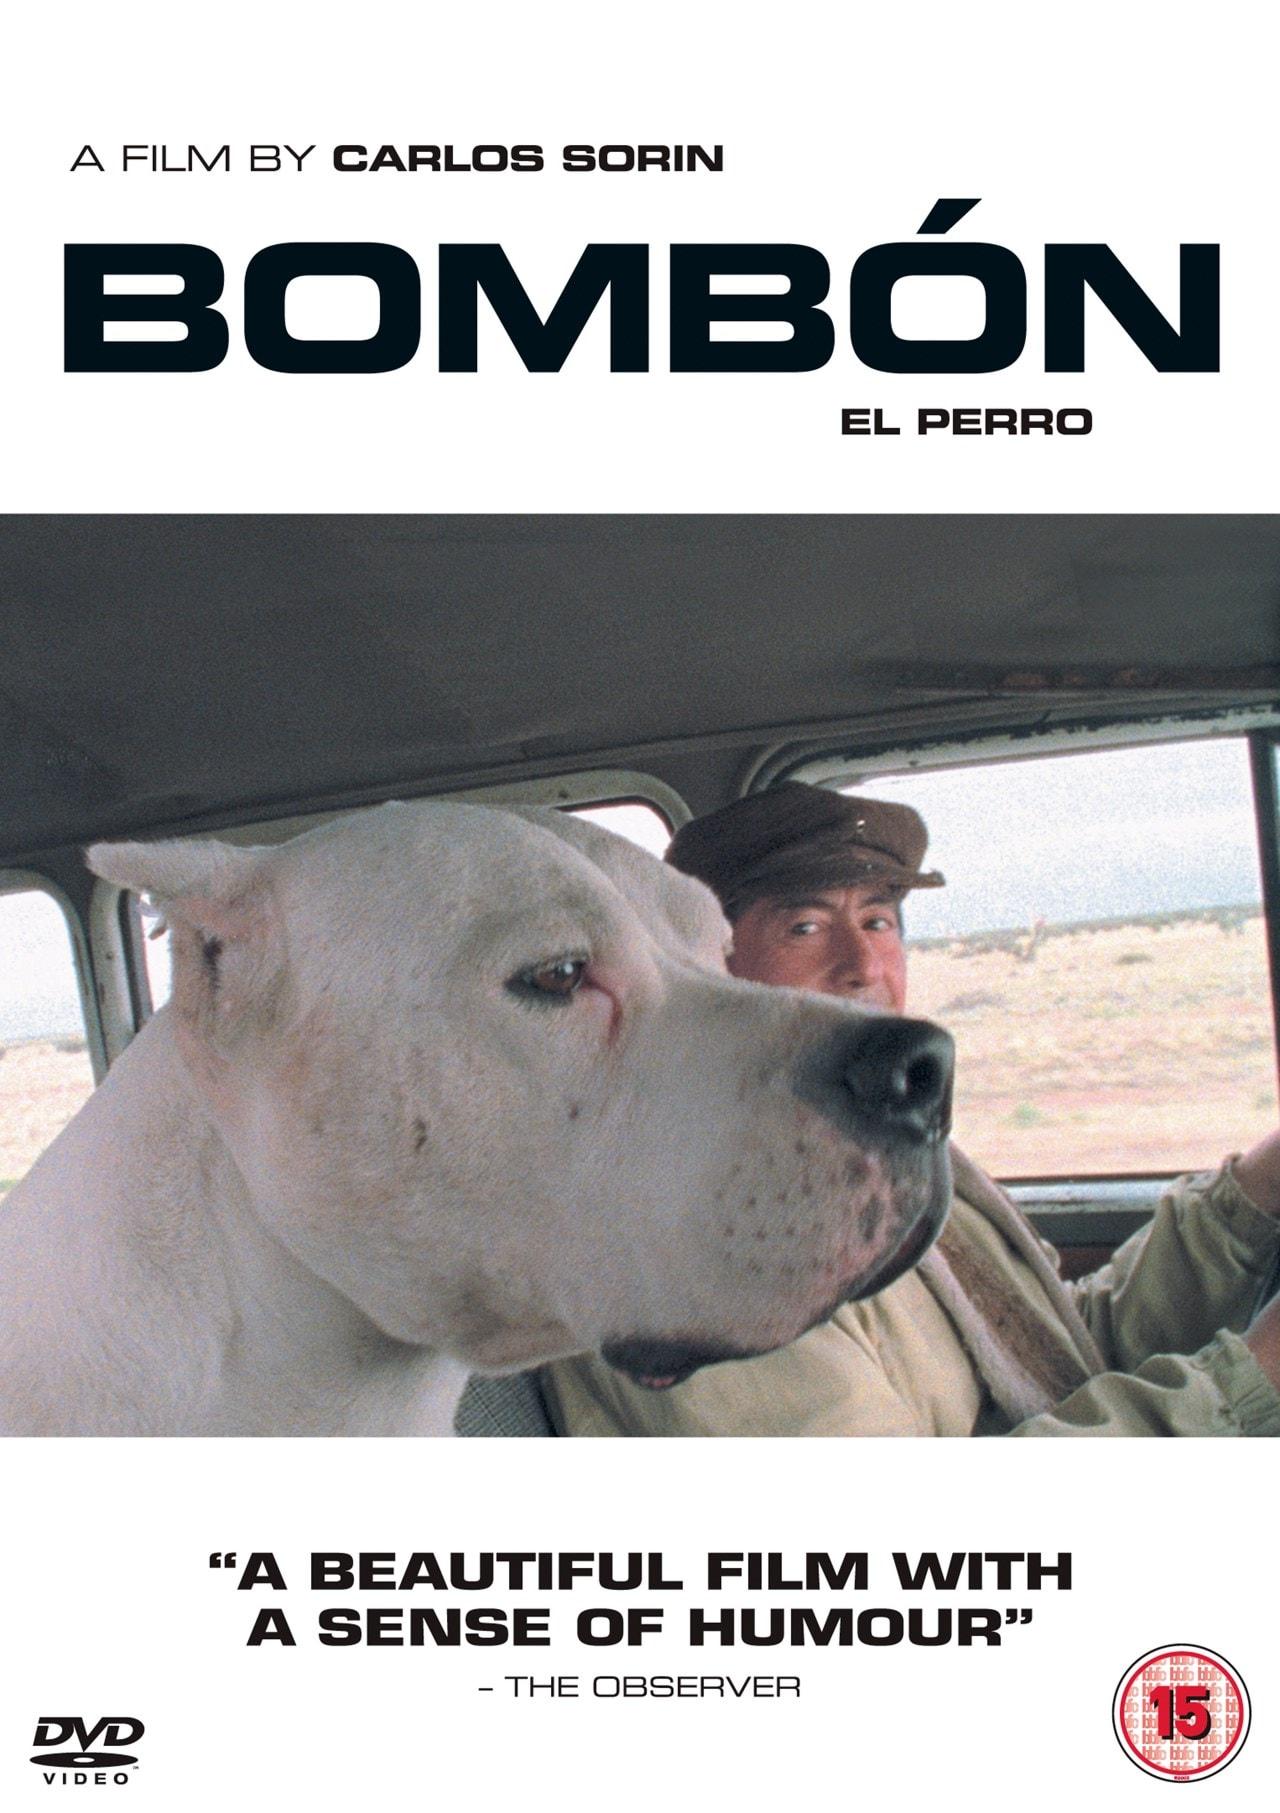 Bombon El Perro - 1